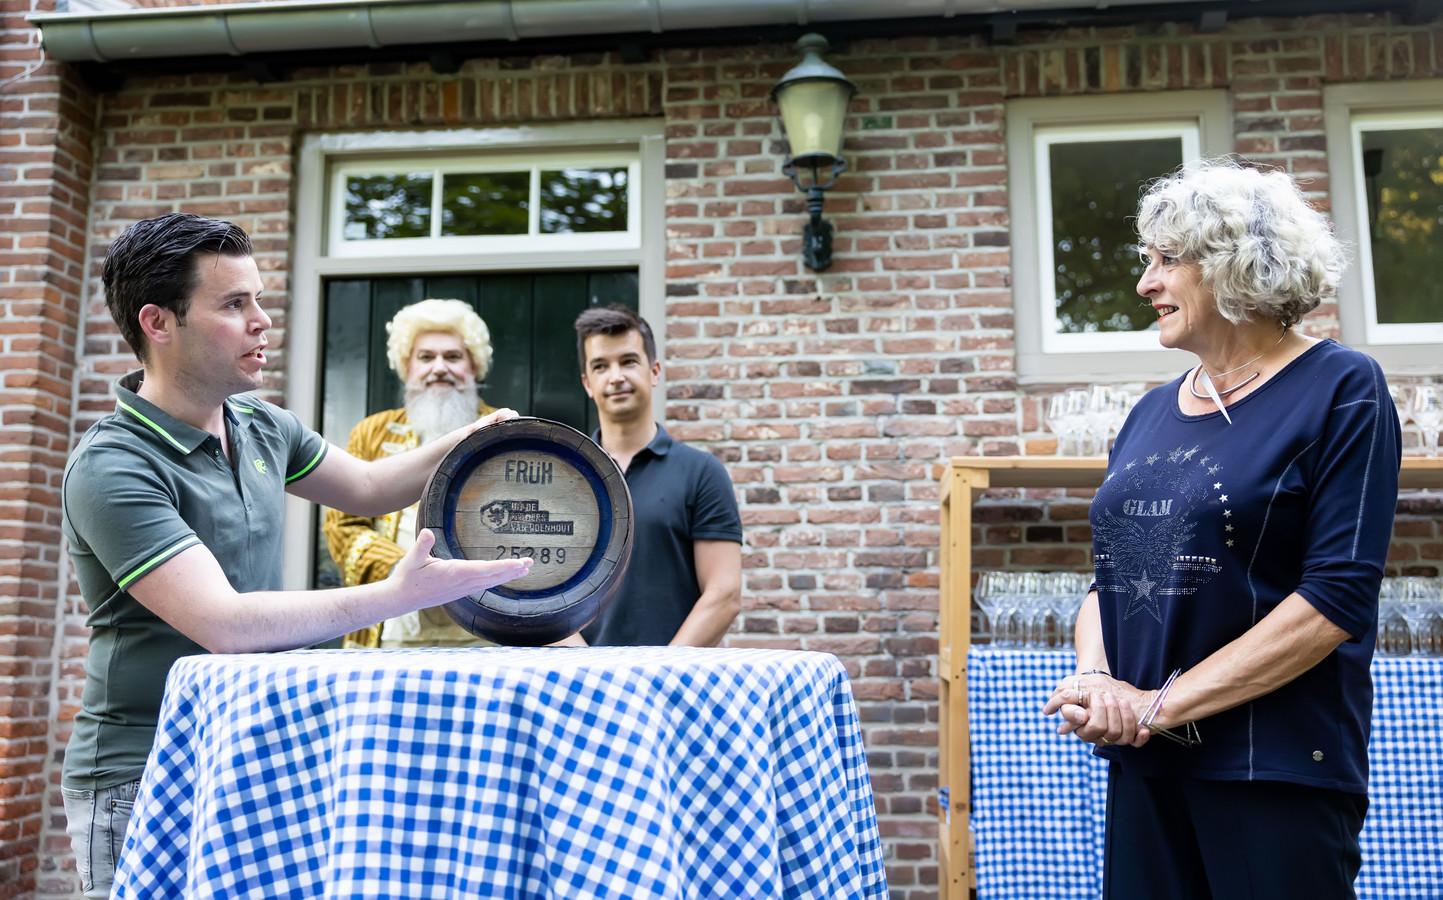 In Udenhout, bij kasteel Strijhoef werd het nieuw Udenhouts bier gepresenteerd. Stefan Ammerlaan (links) reikt het eerste vaatje uit aan Wilma de Jong, de nieuwe voorzitter van de dorpsraad. Koen Verbunt, naast De Jong, is de andere initiatiefnemer.